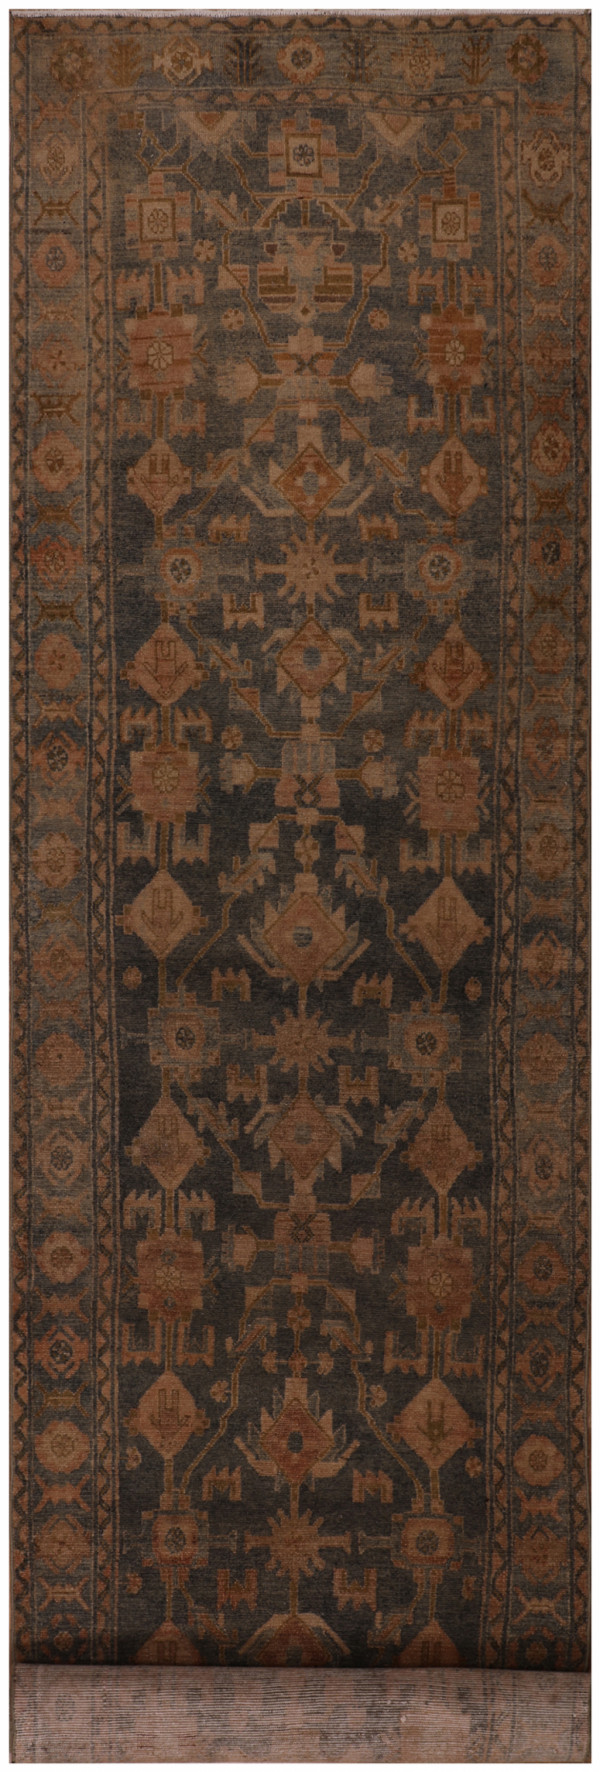 #51633 Hamedan Antique Persian Rug